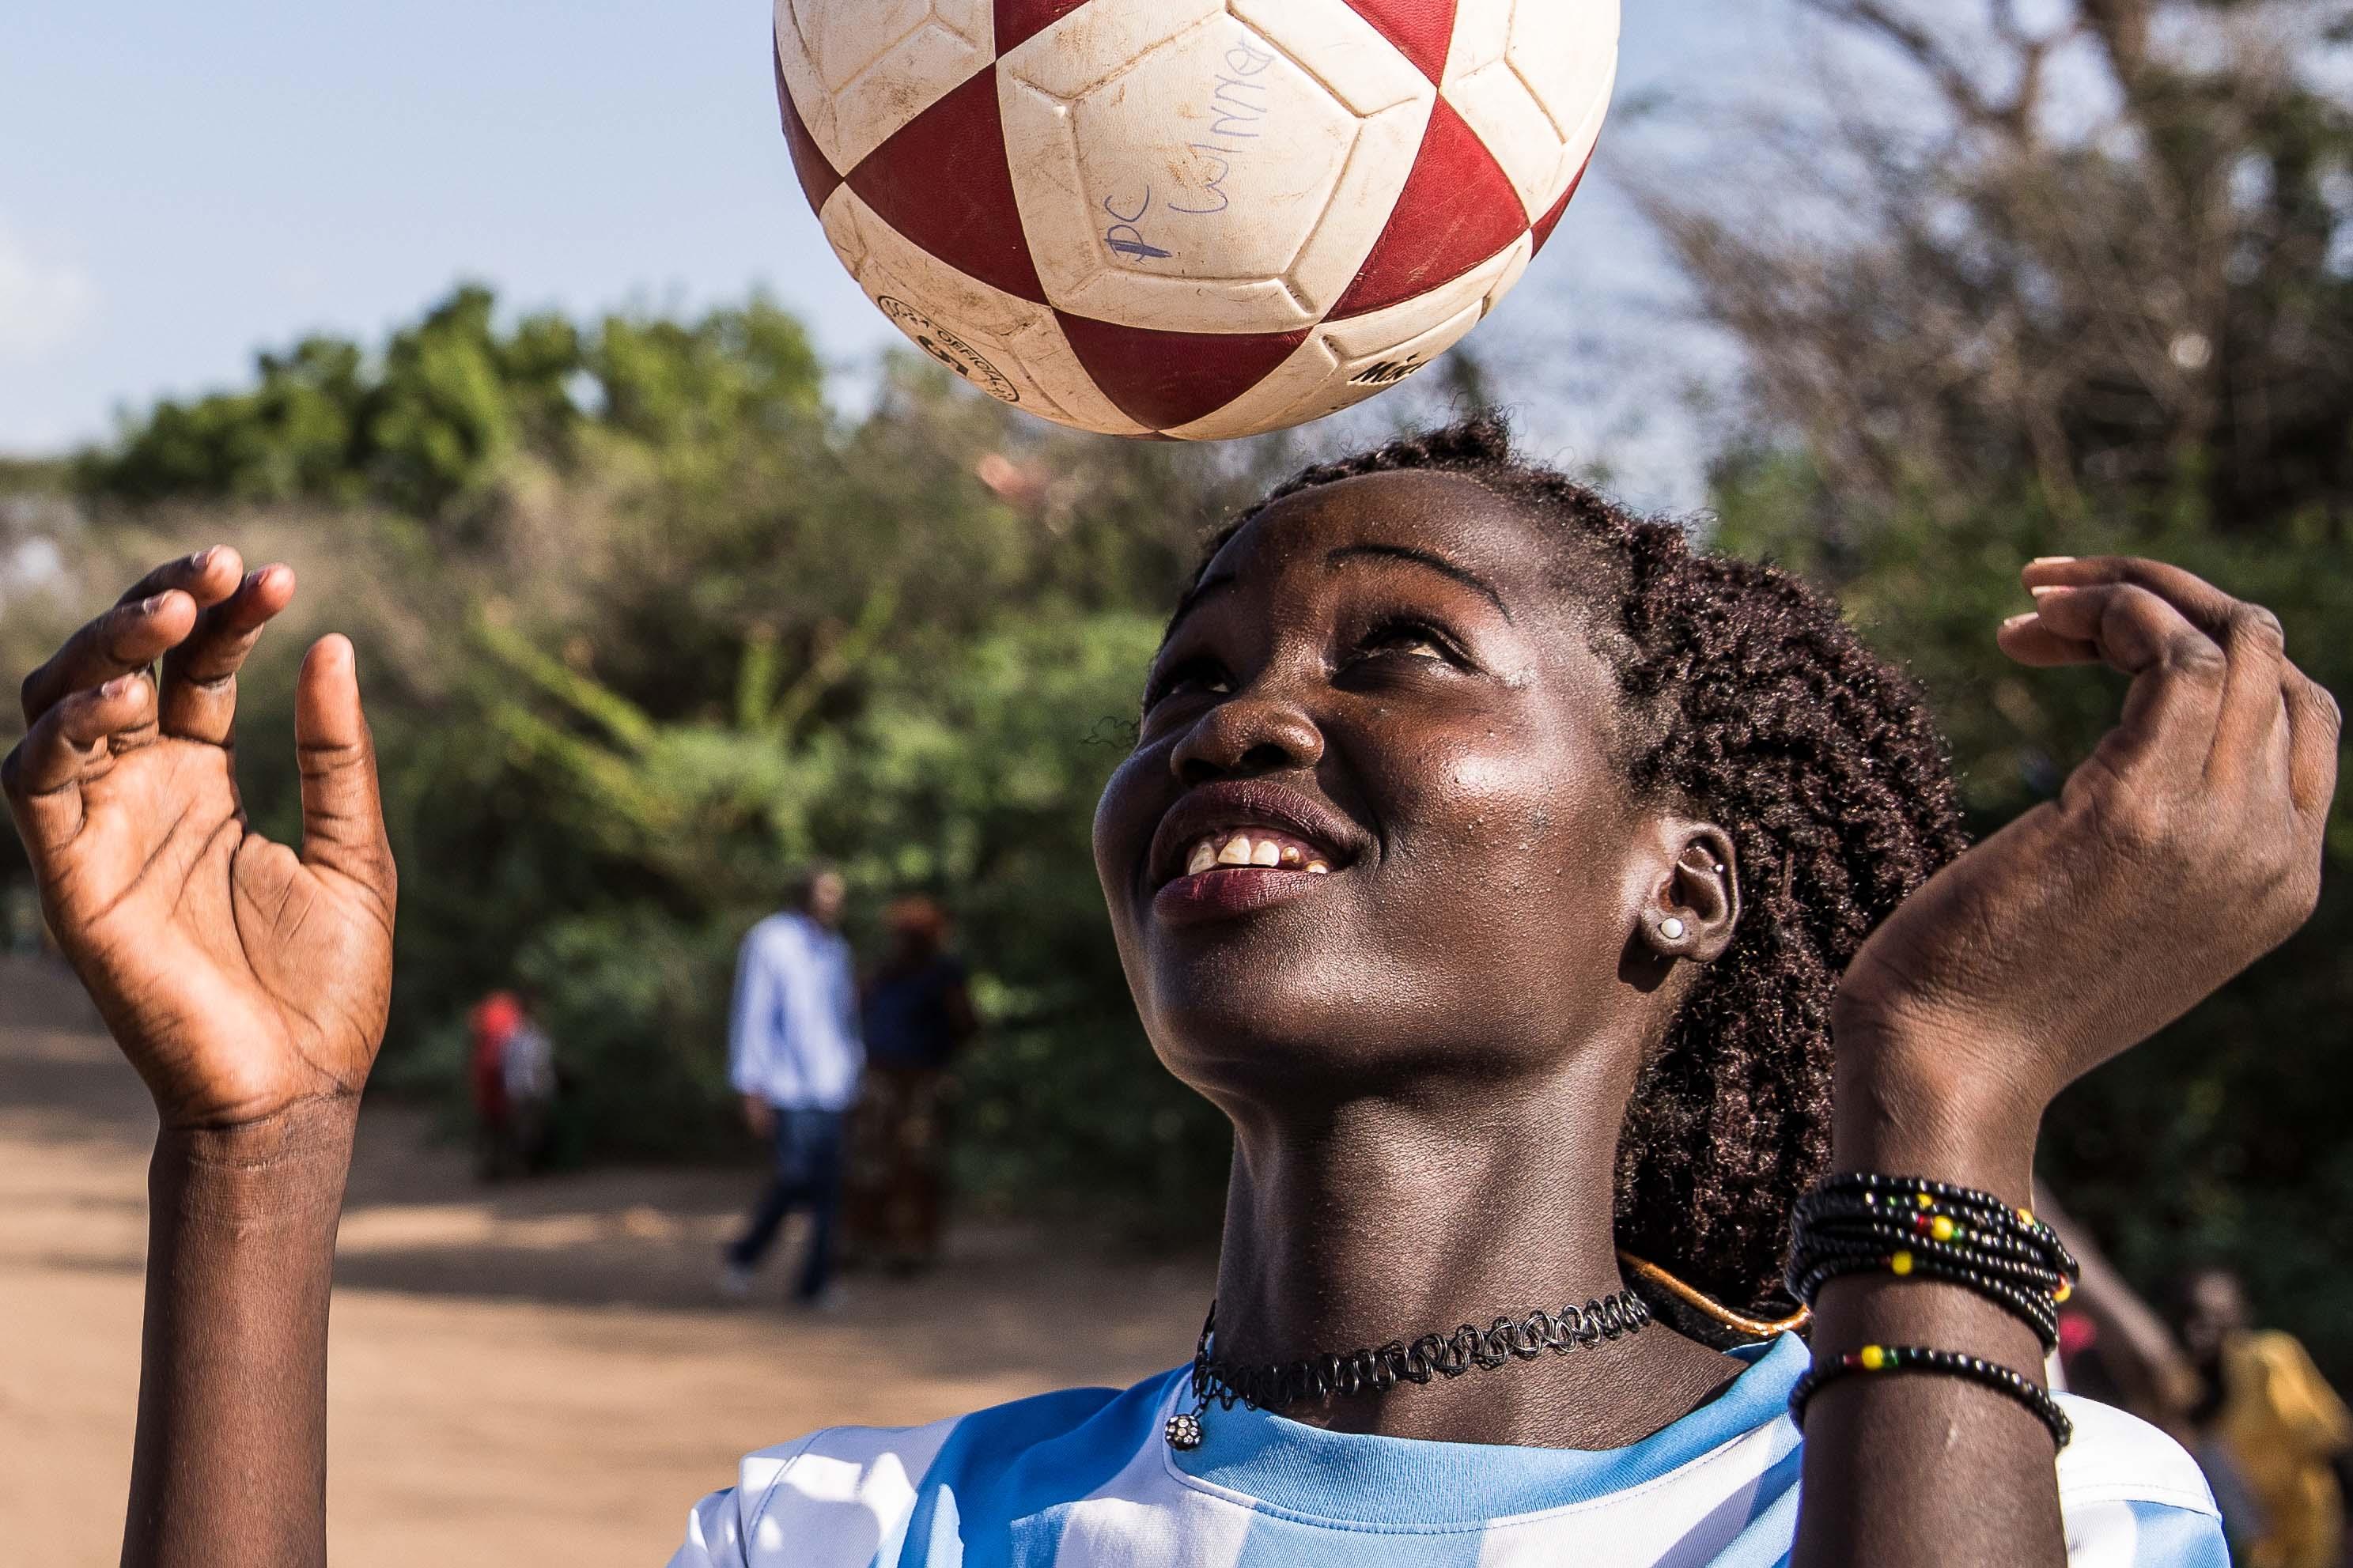 Sok stipendium fran stiftelsen alska fotboll